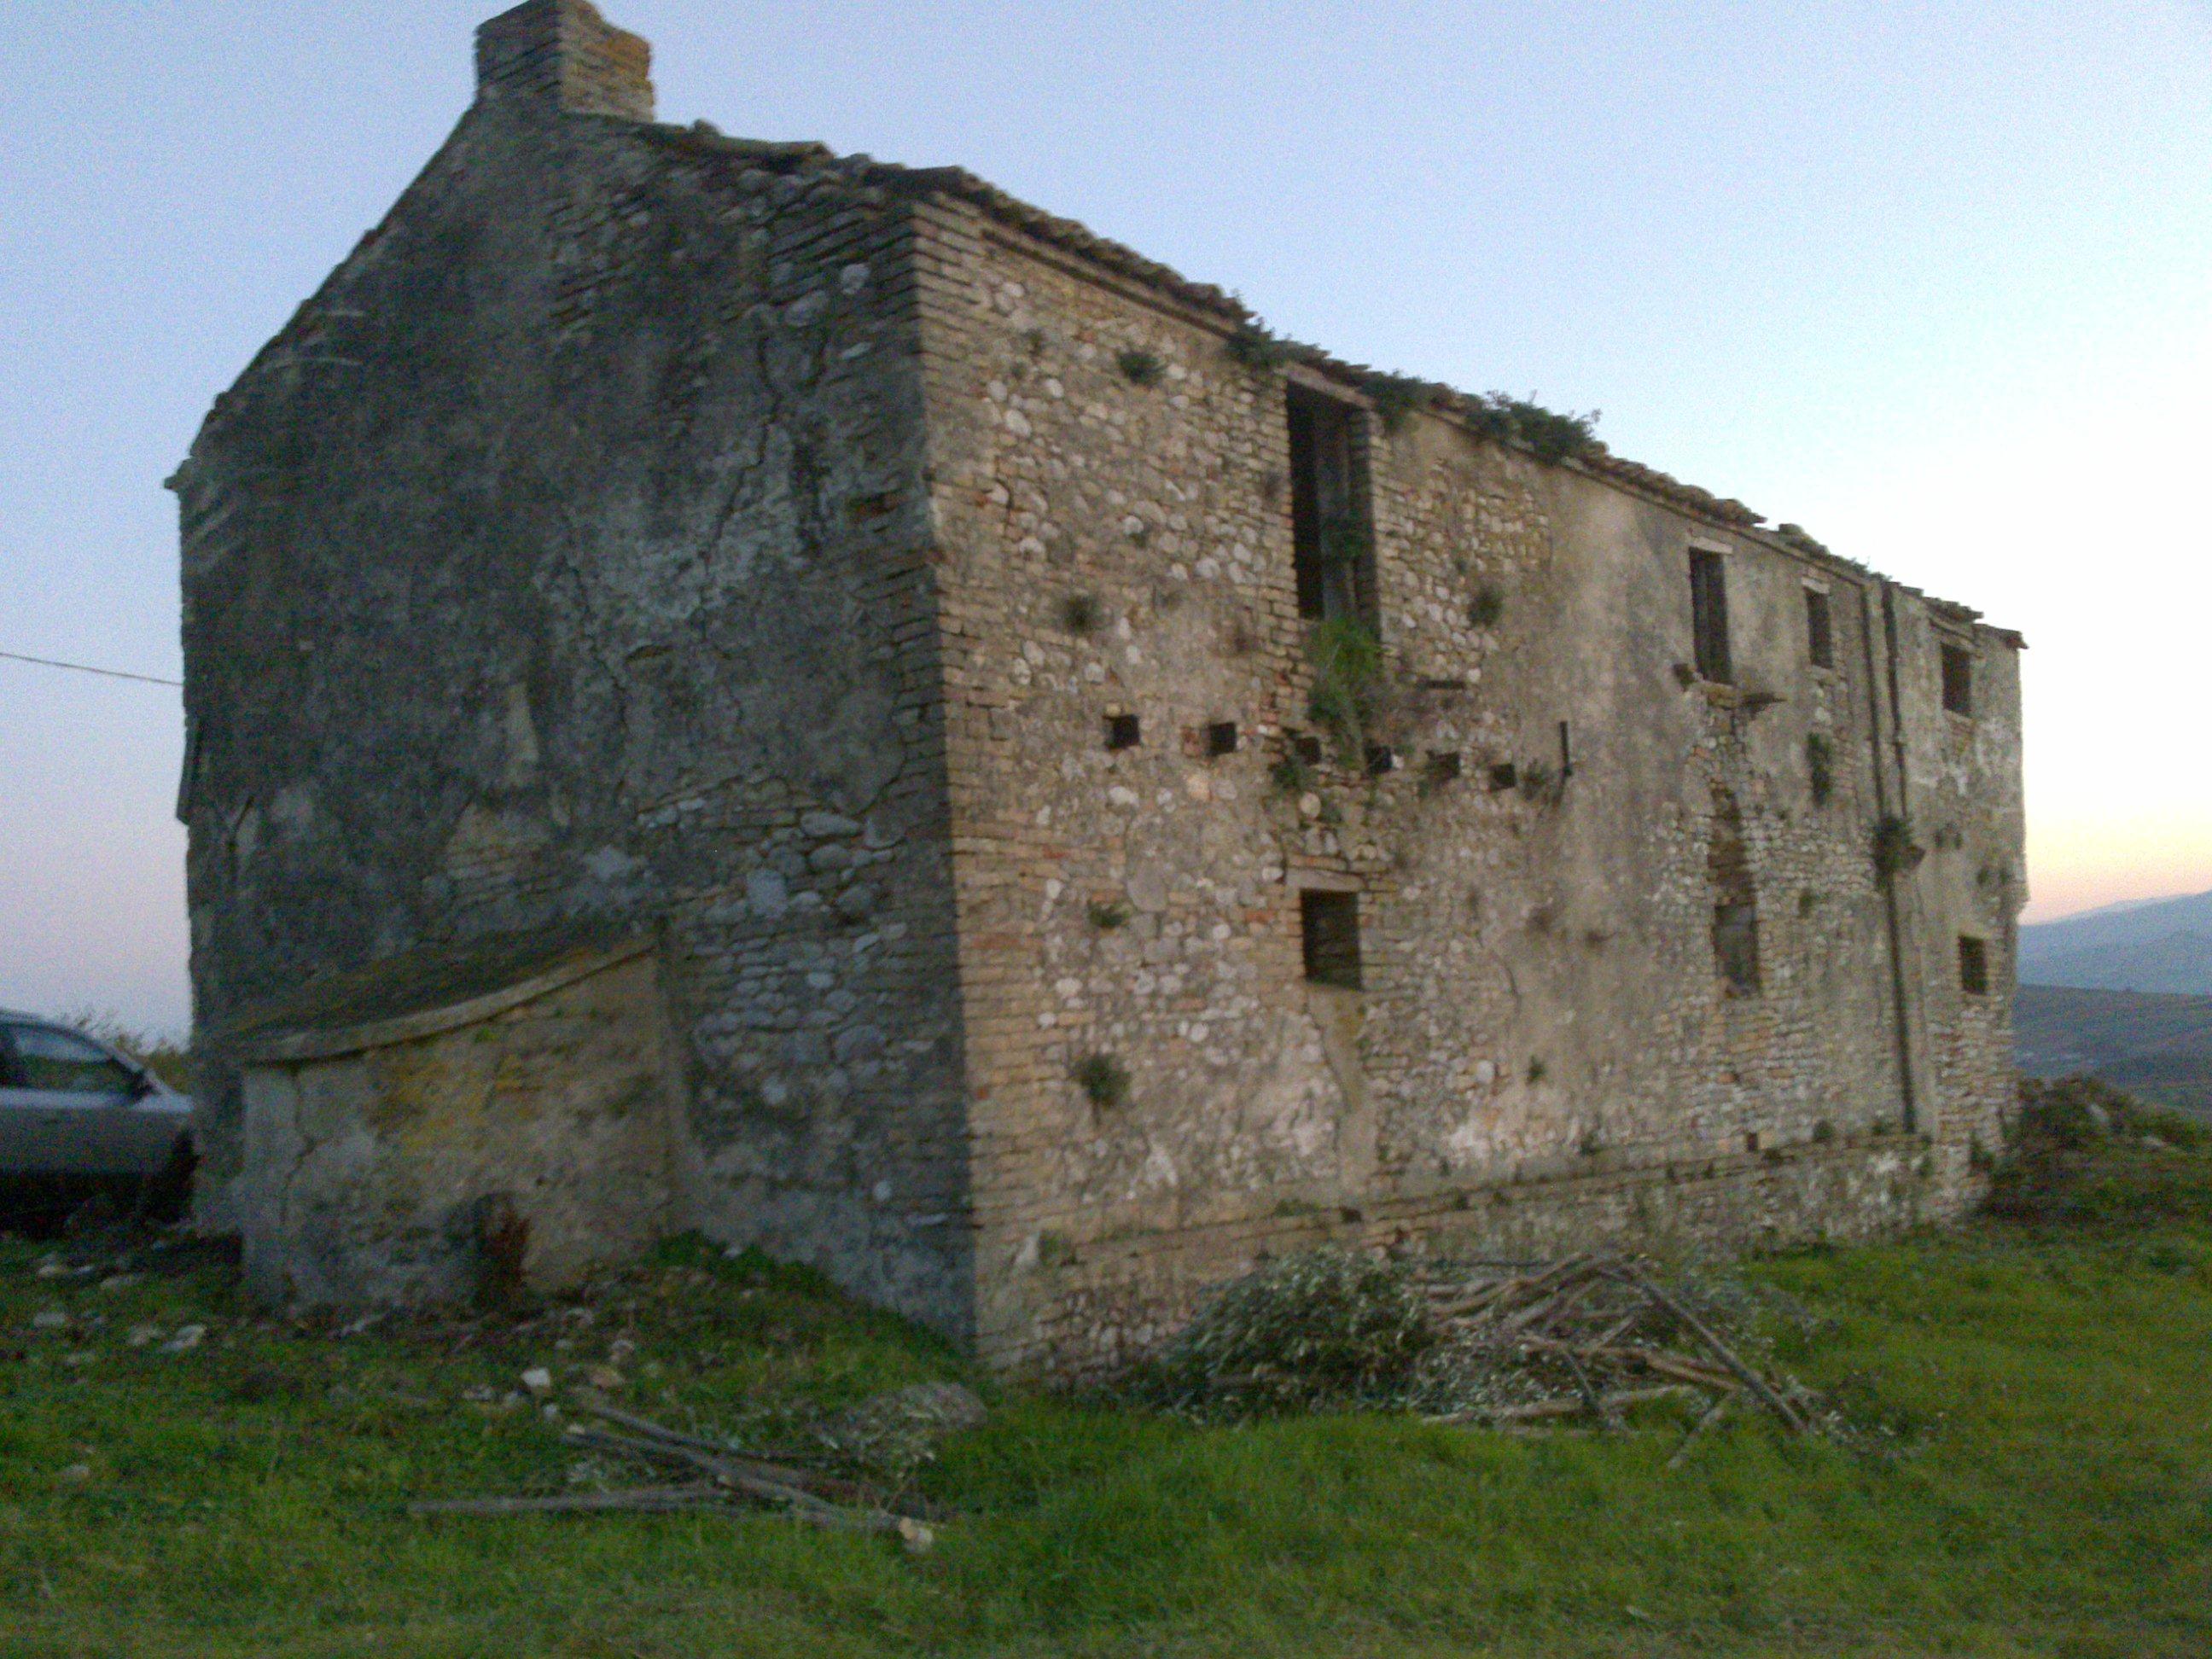 Vendita rustico casale lanciano chieti italia lanciano - Agenzie immobiliari lanciano ...